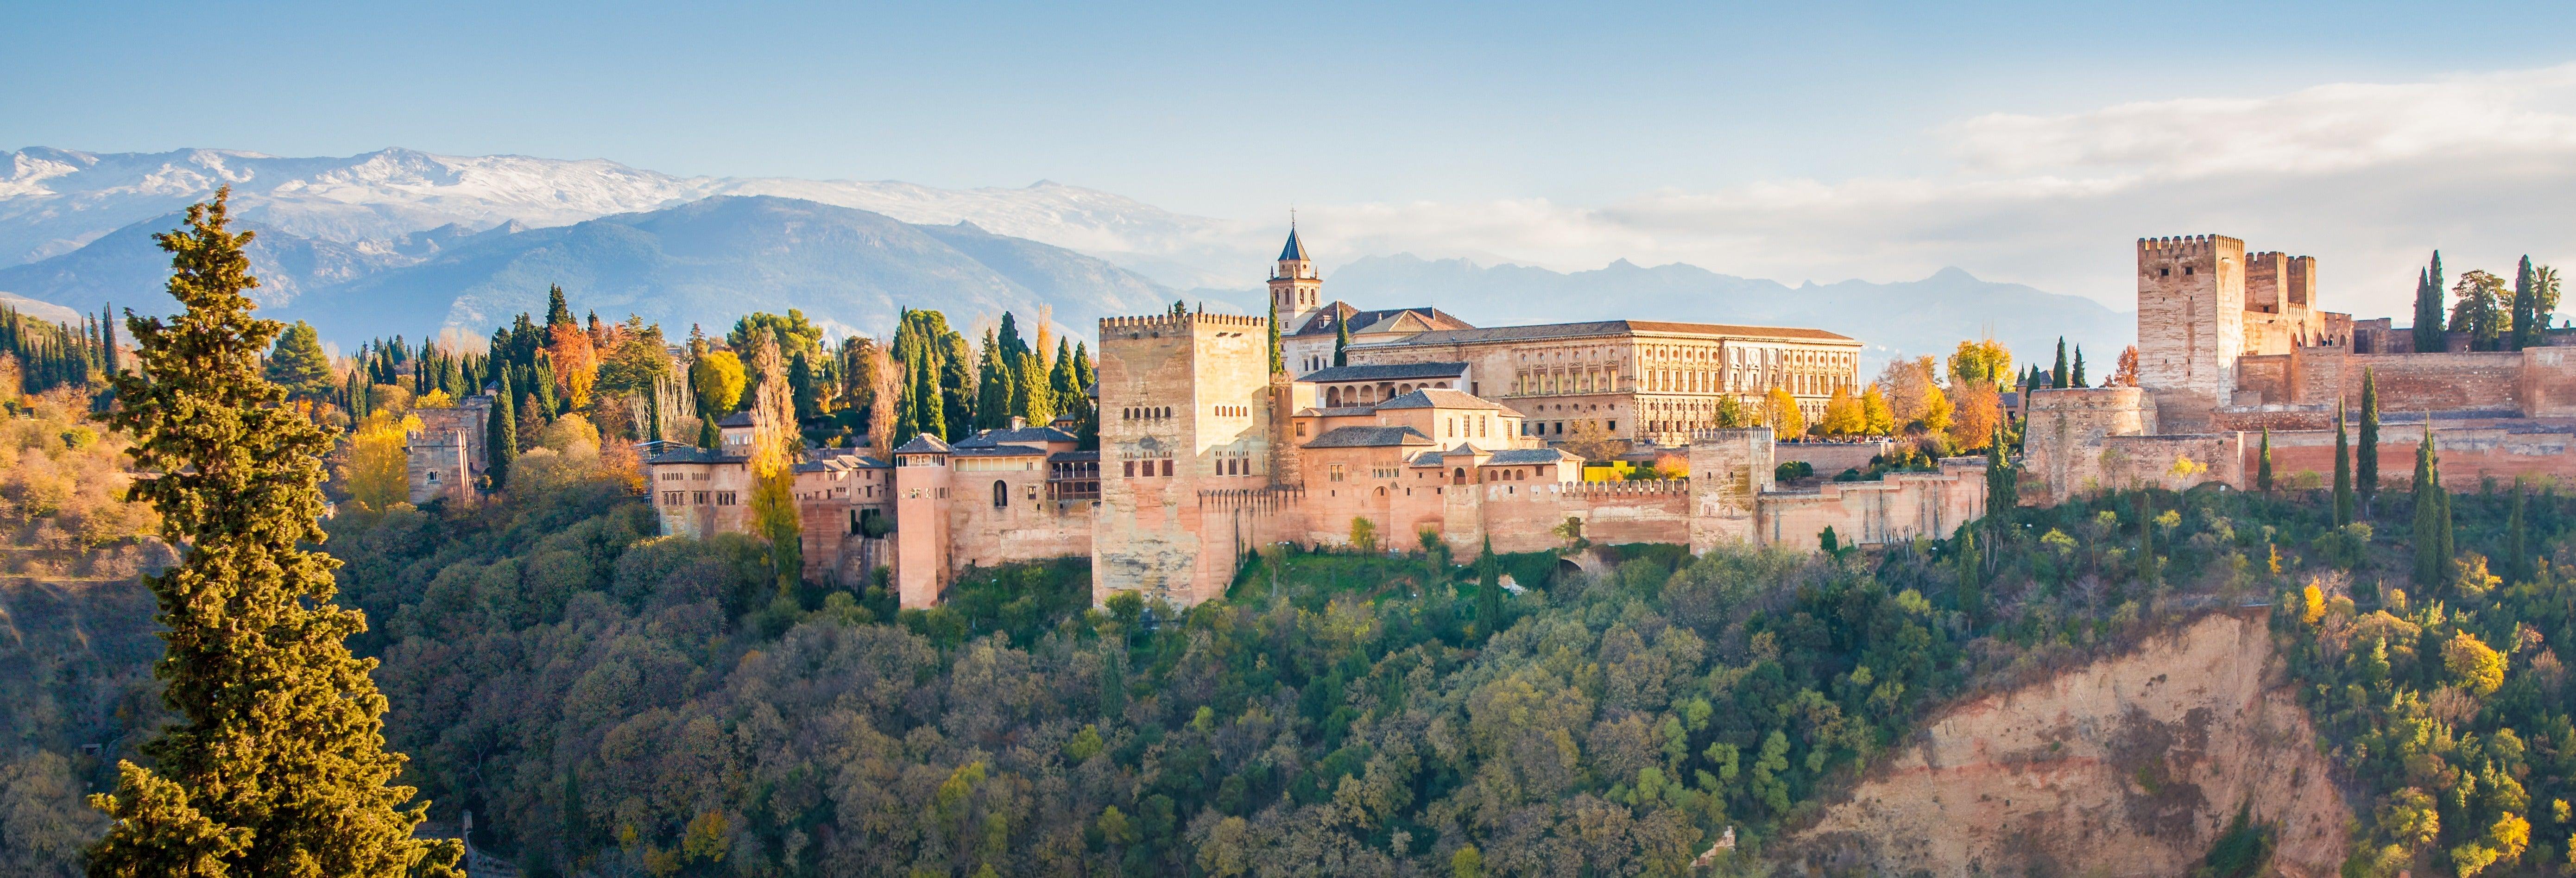 Entrada a la Alhambra de Granada sin colas